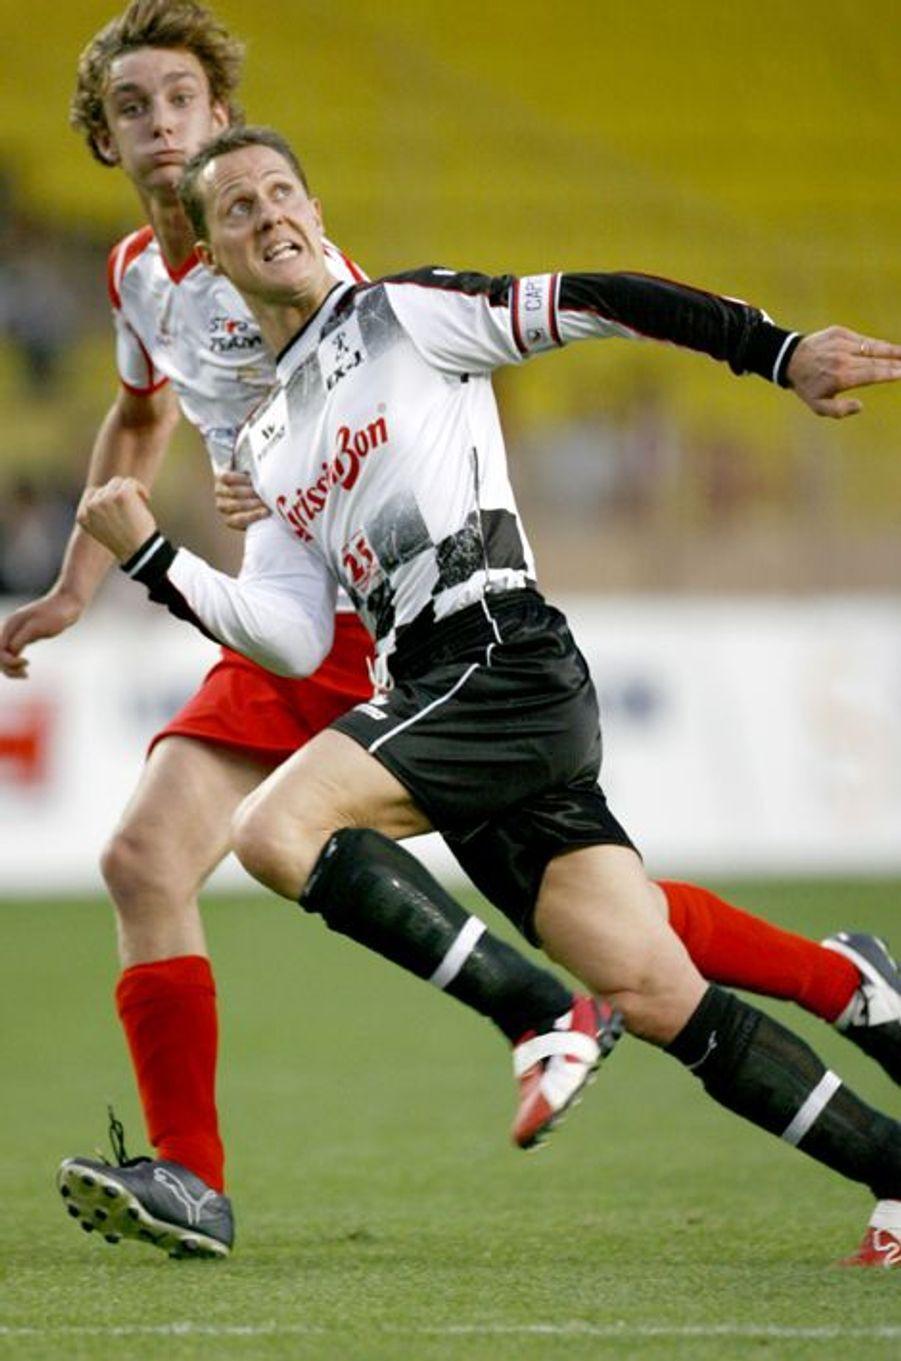 Lors de ce match gala, en 2006, il joue contre Michael Schumacher.